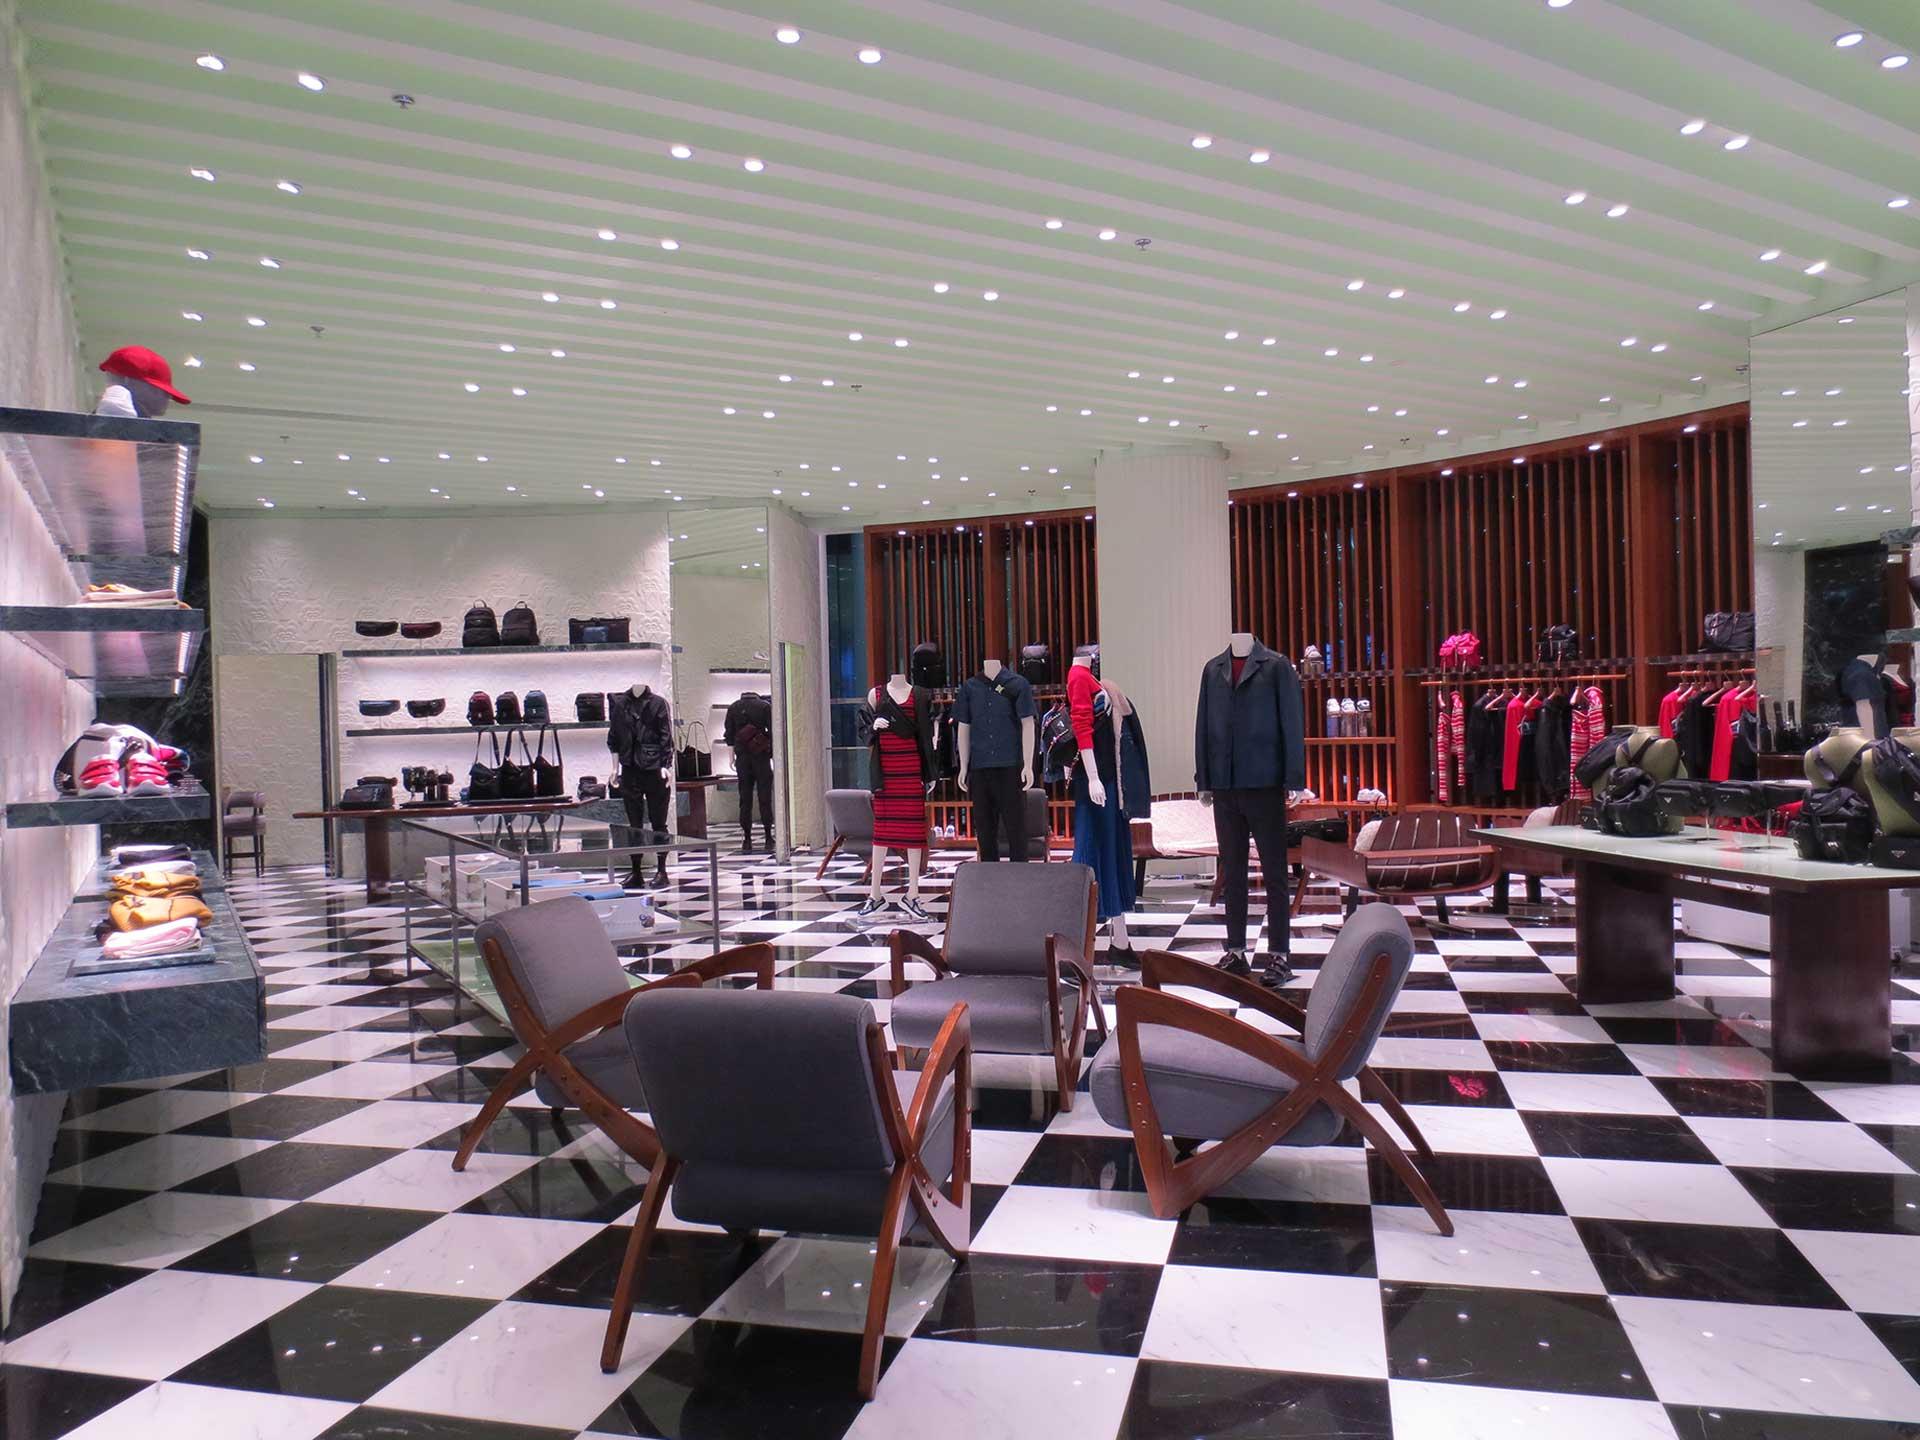 prada_dubai_mall_2018_3